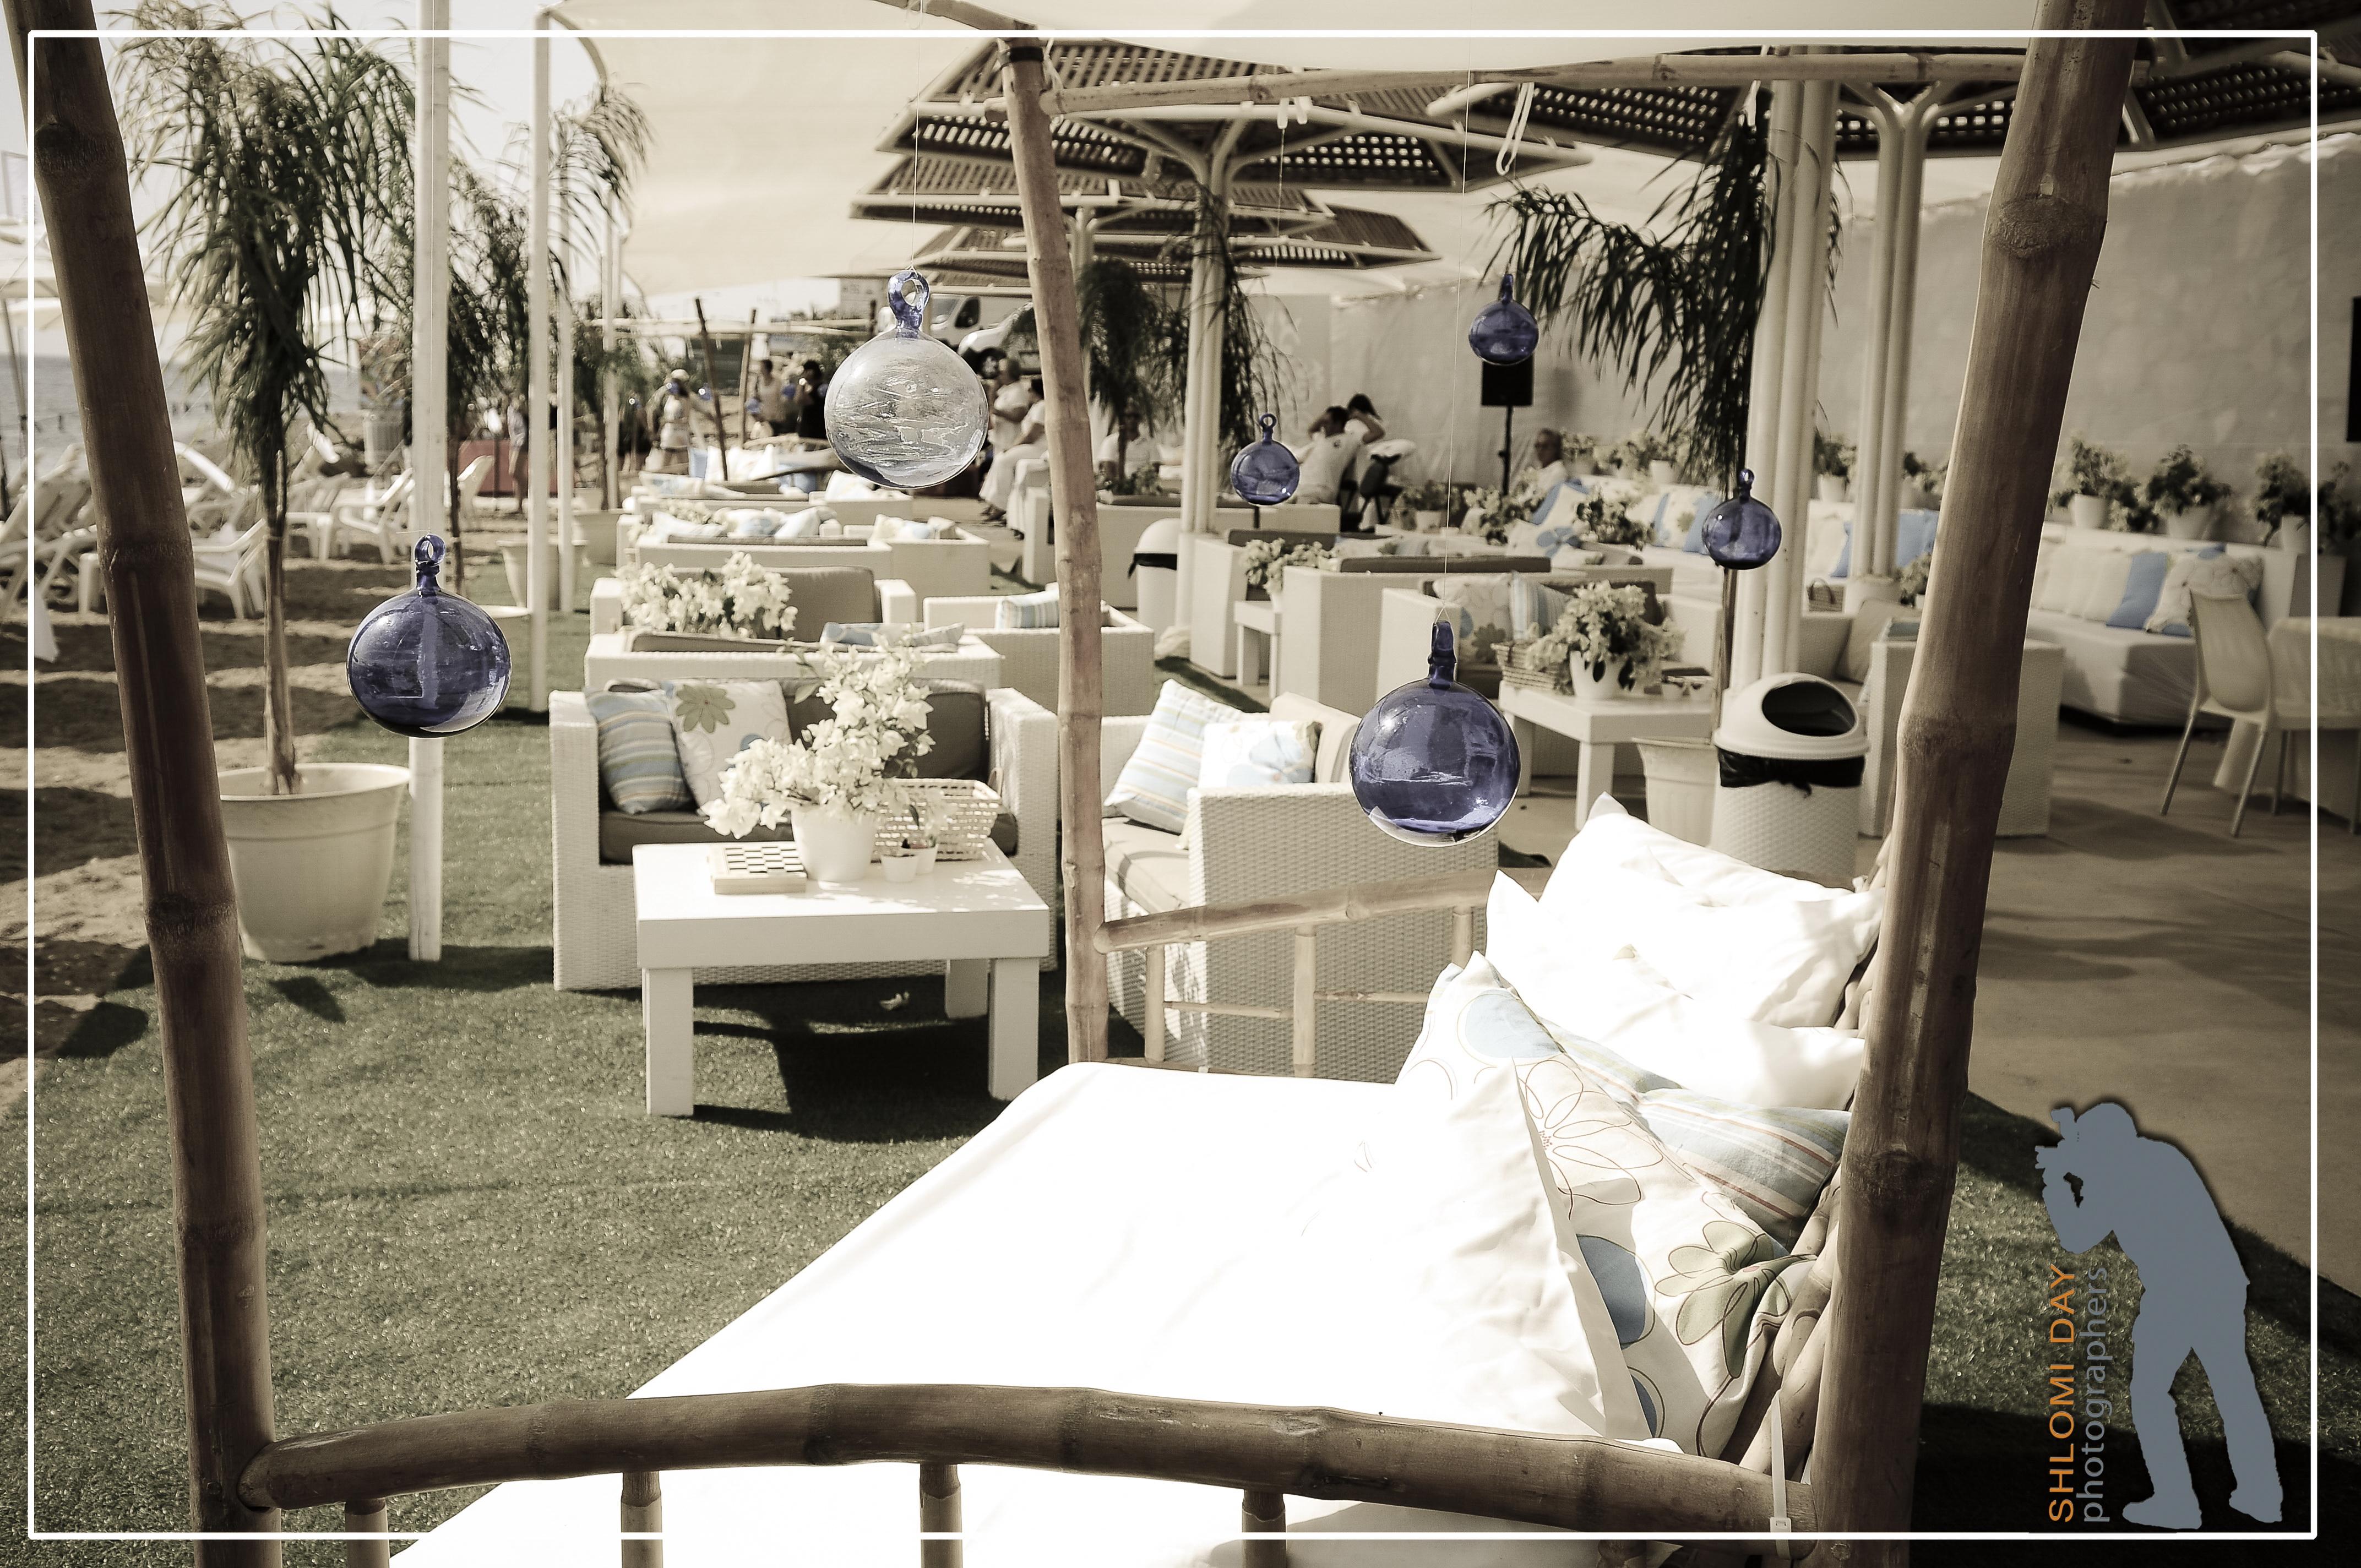 organiser une beach party eilat - Mariage Eilat